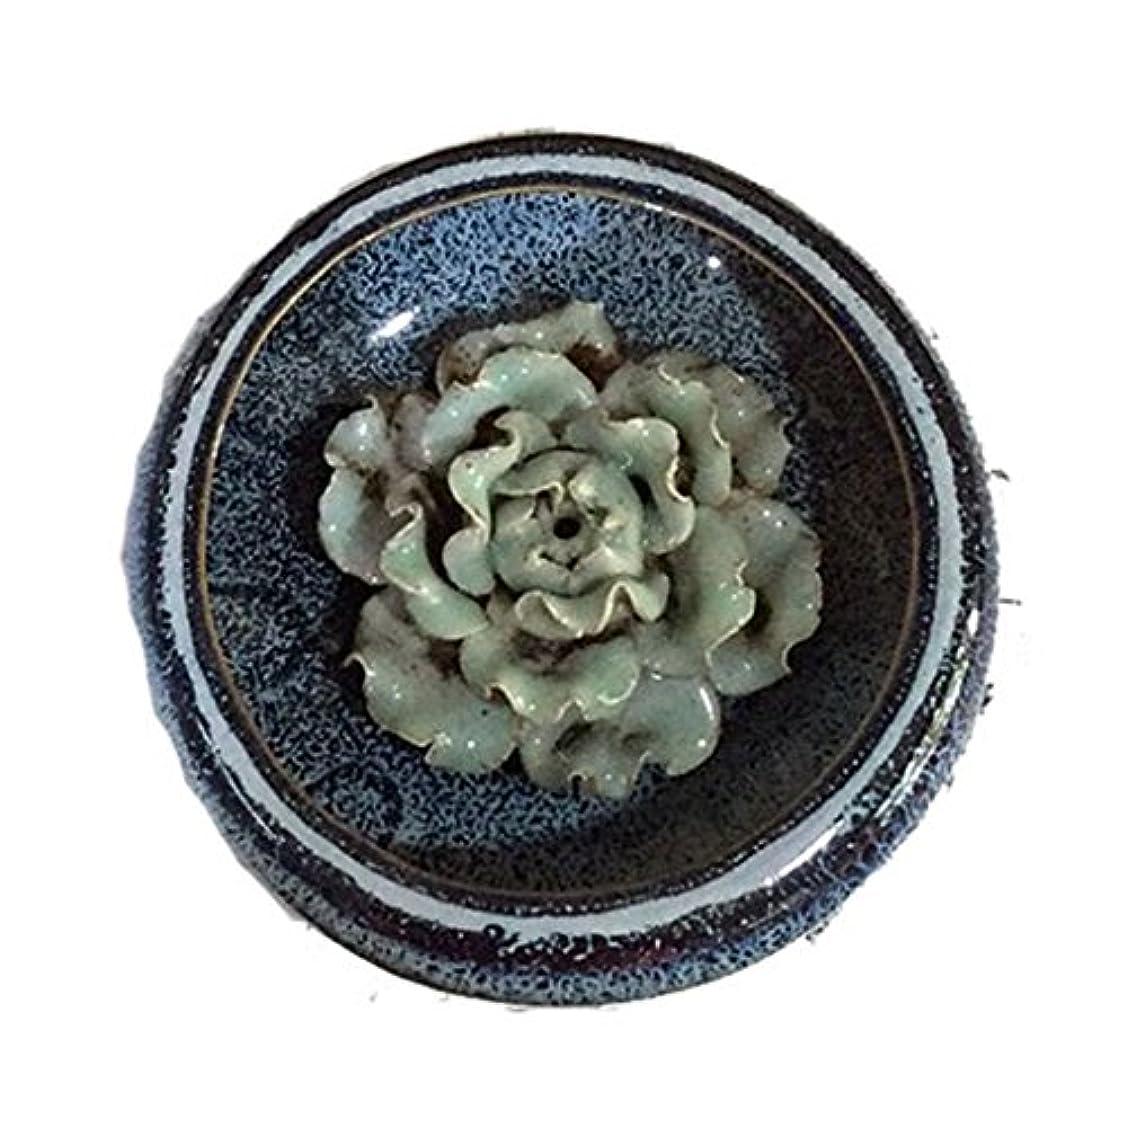 セント時軽量(ラシューバー) Lasuiveur 香炉 線香立て 香立て 職人さんの手作り 茶道用品 おしゃれ